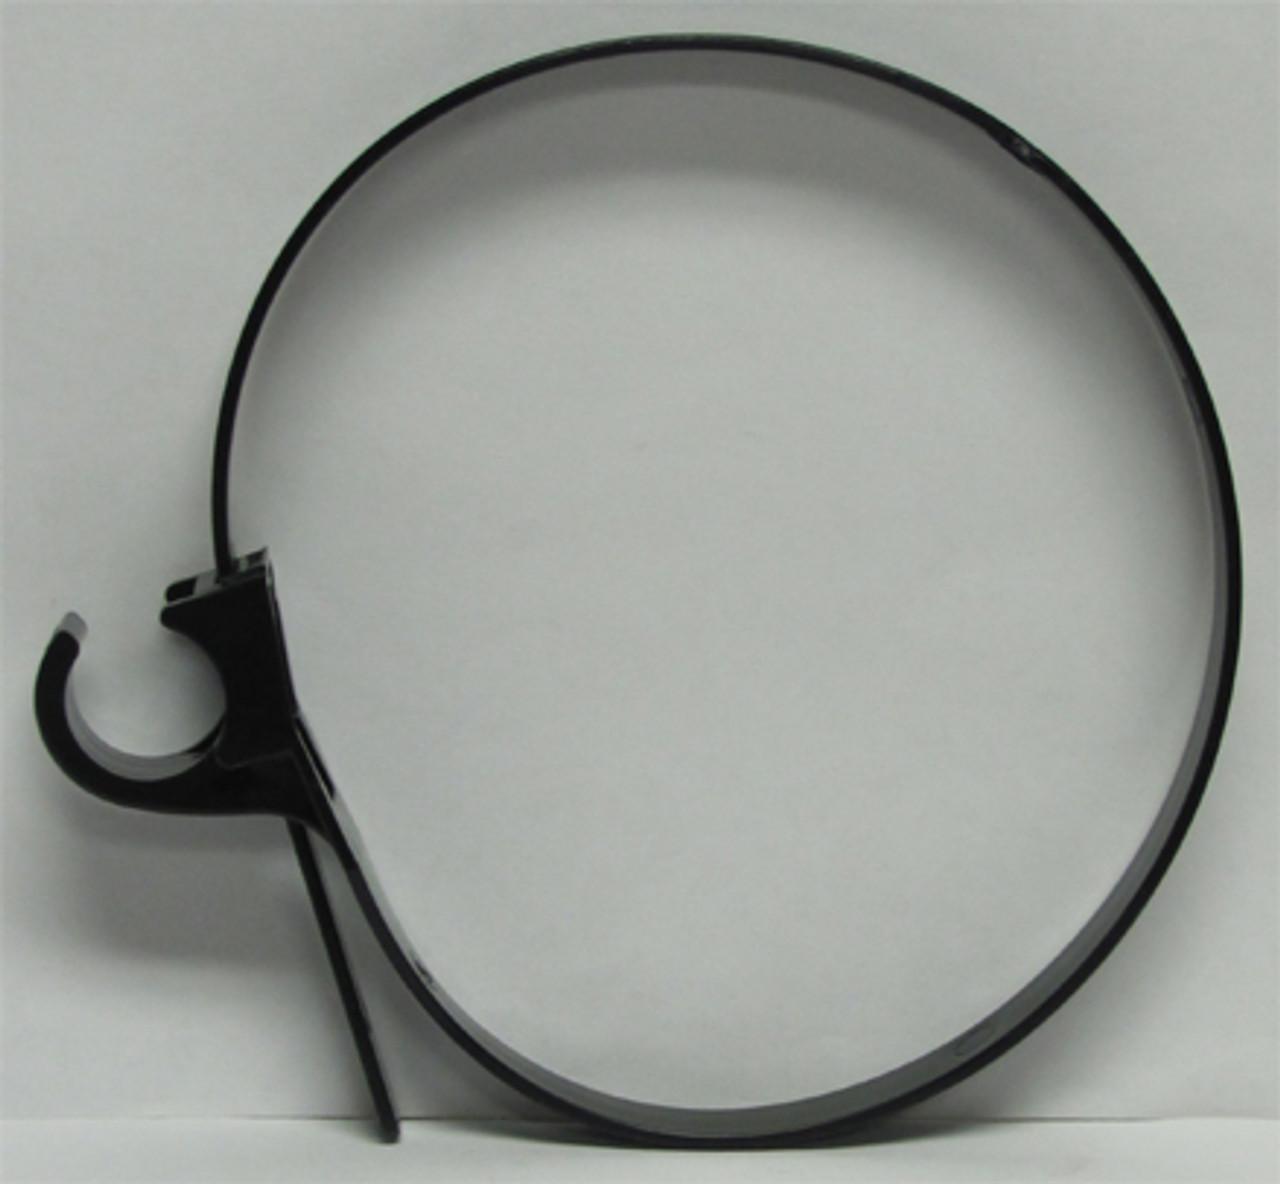 Amerex 15747 Hose Clamp 5 lb, 10 lb, 15lb